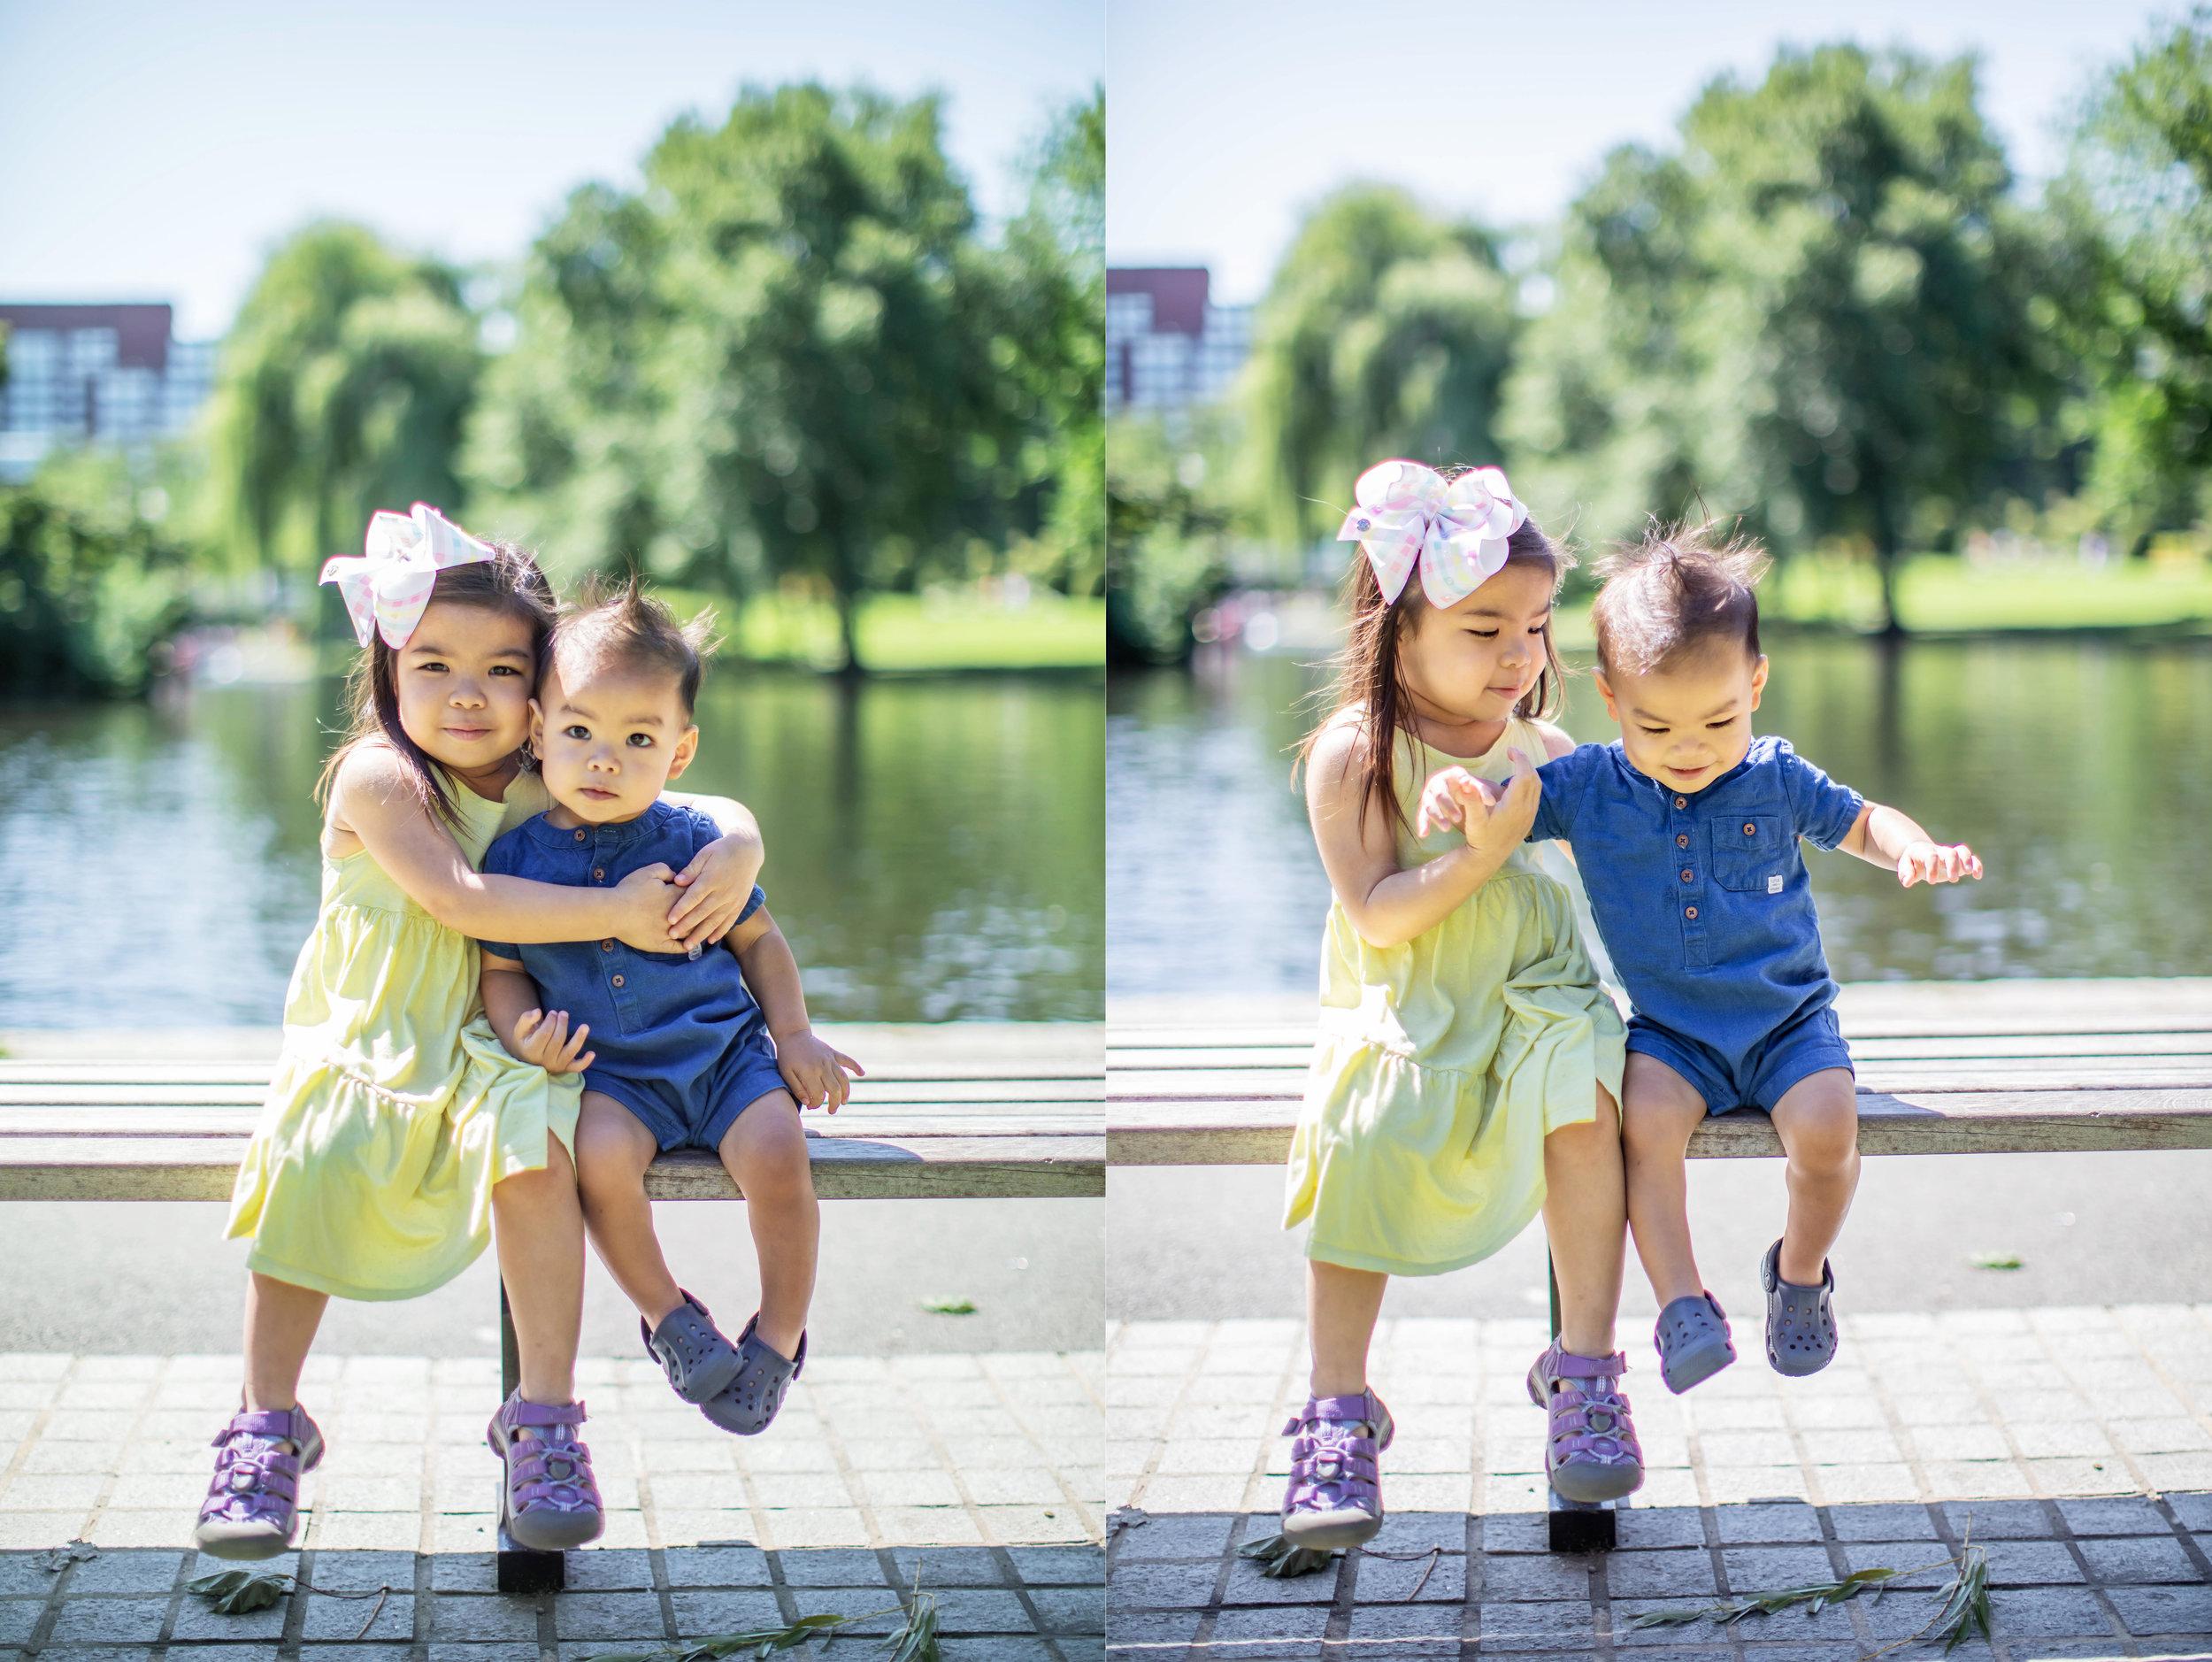 family-summertime-in-boston-eva-loh-02.jpg